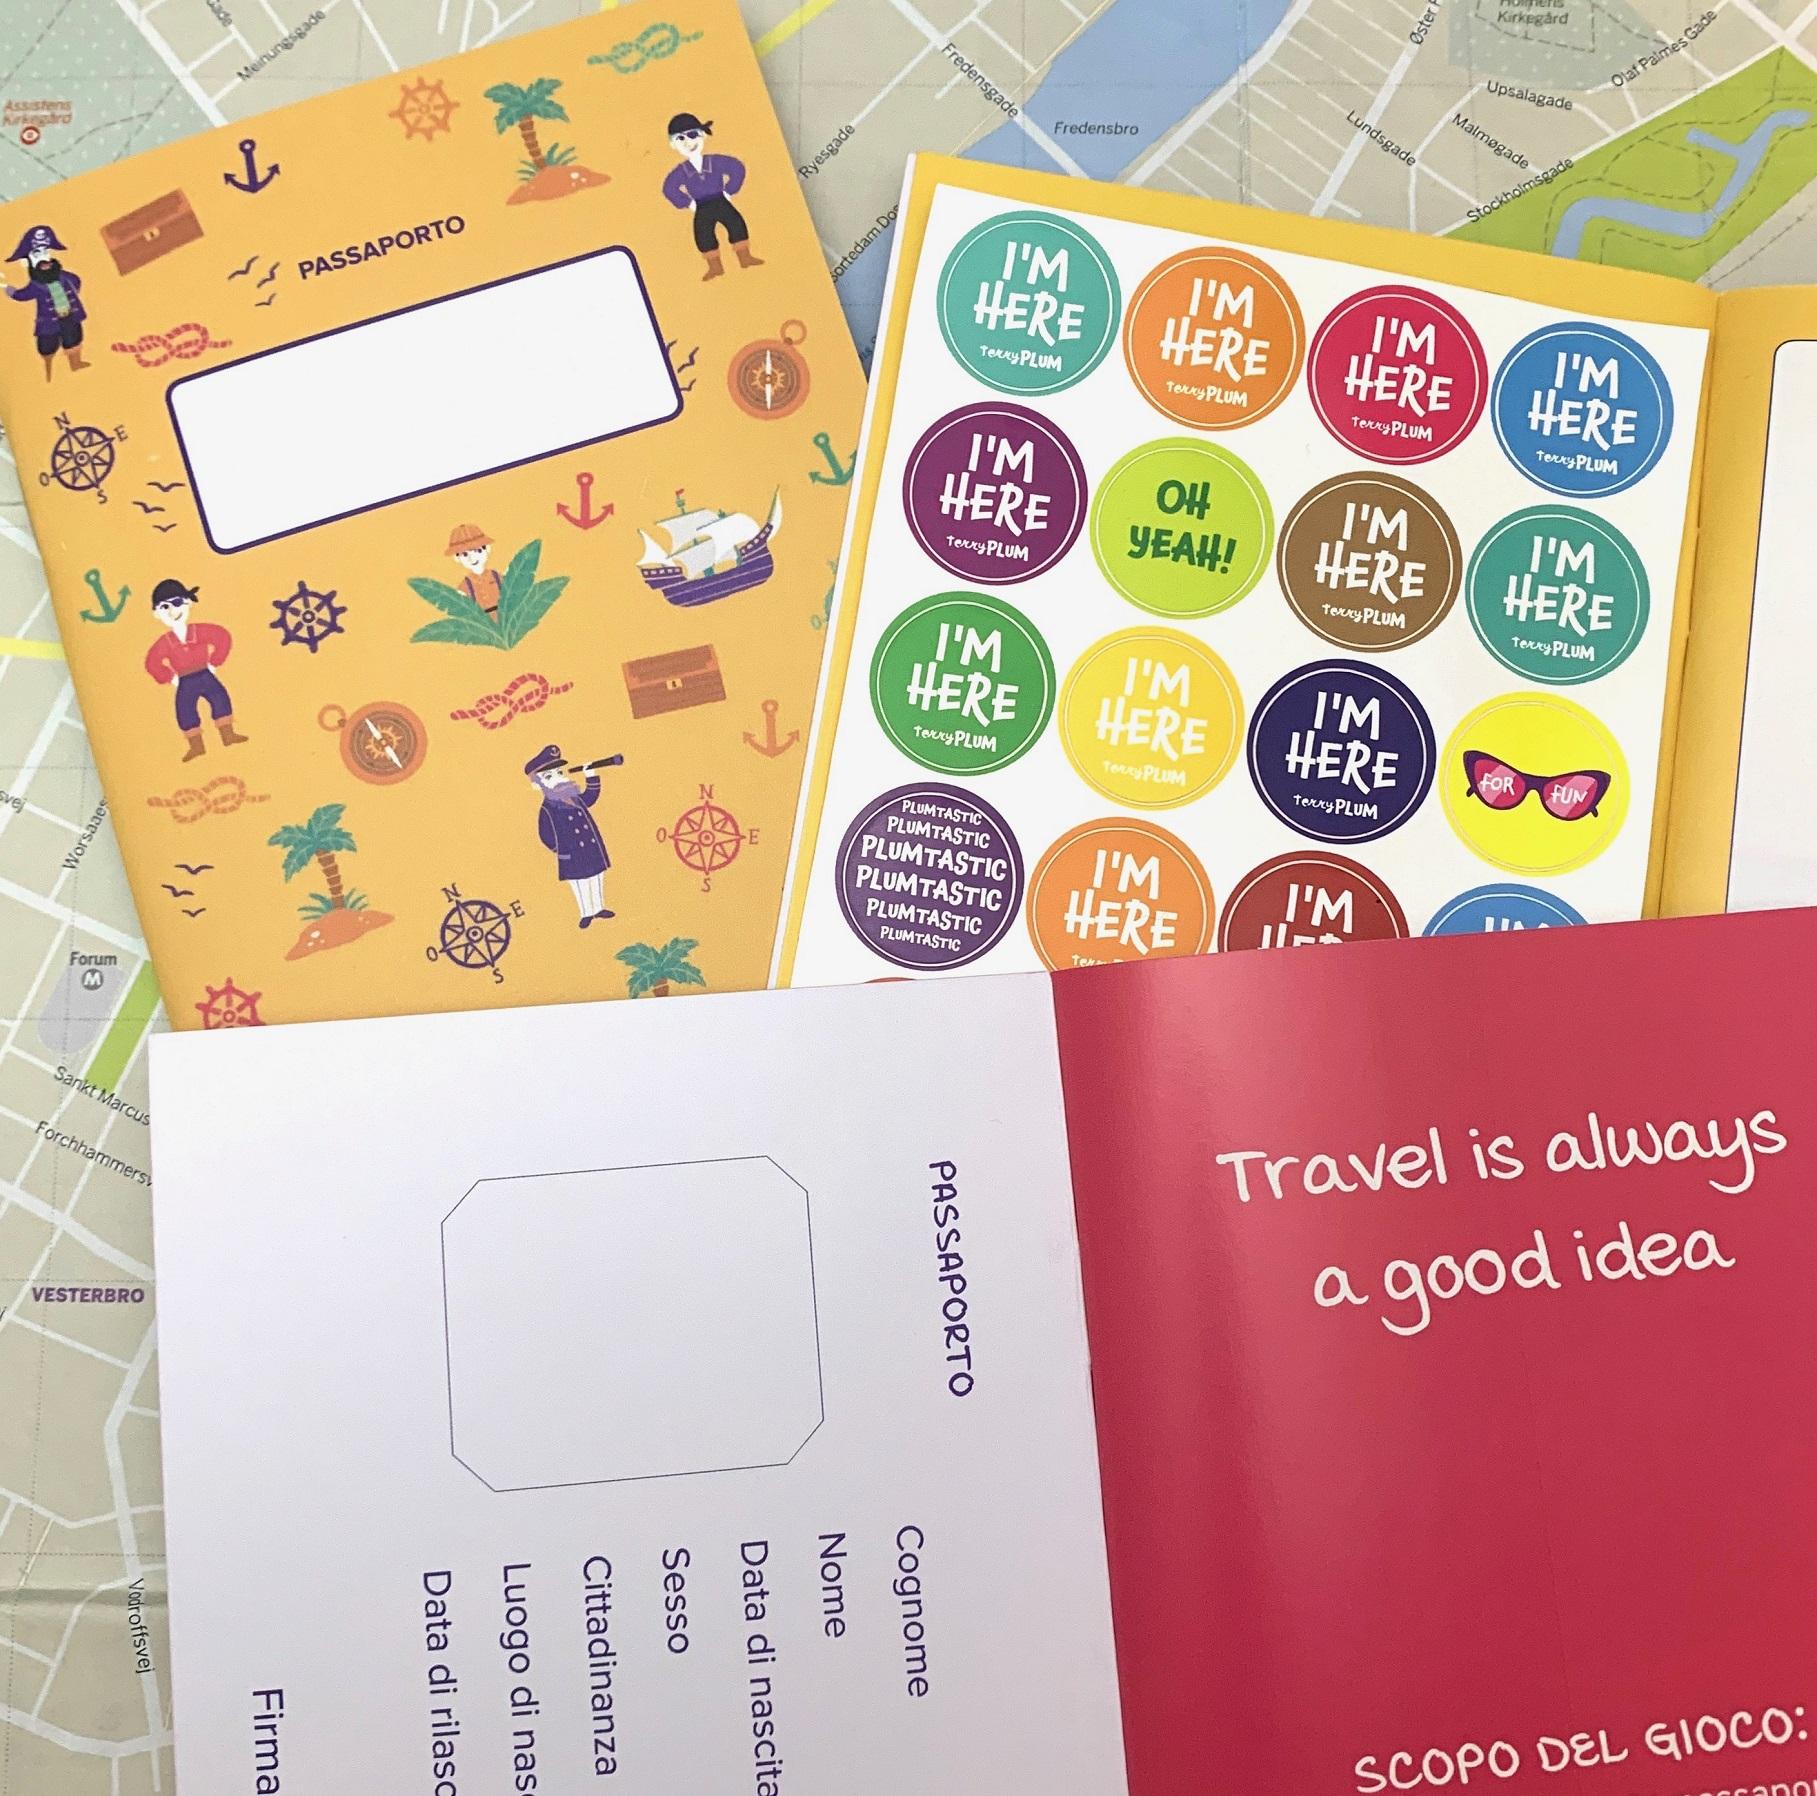 Algunas páginas de los diarios de viaje personalizados de Terry Plum